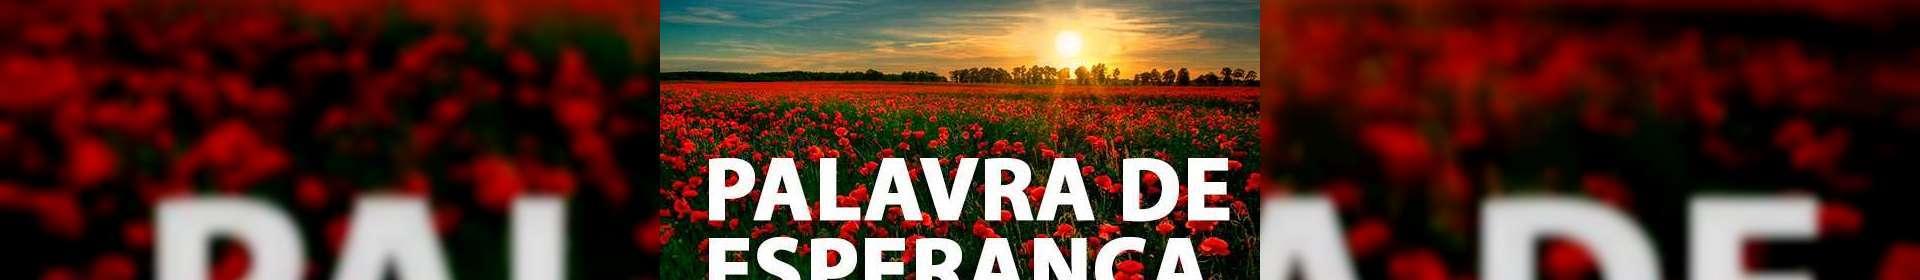 Salmos 91:1 - Uma Palavra de Esperança para sua vida